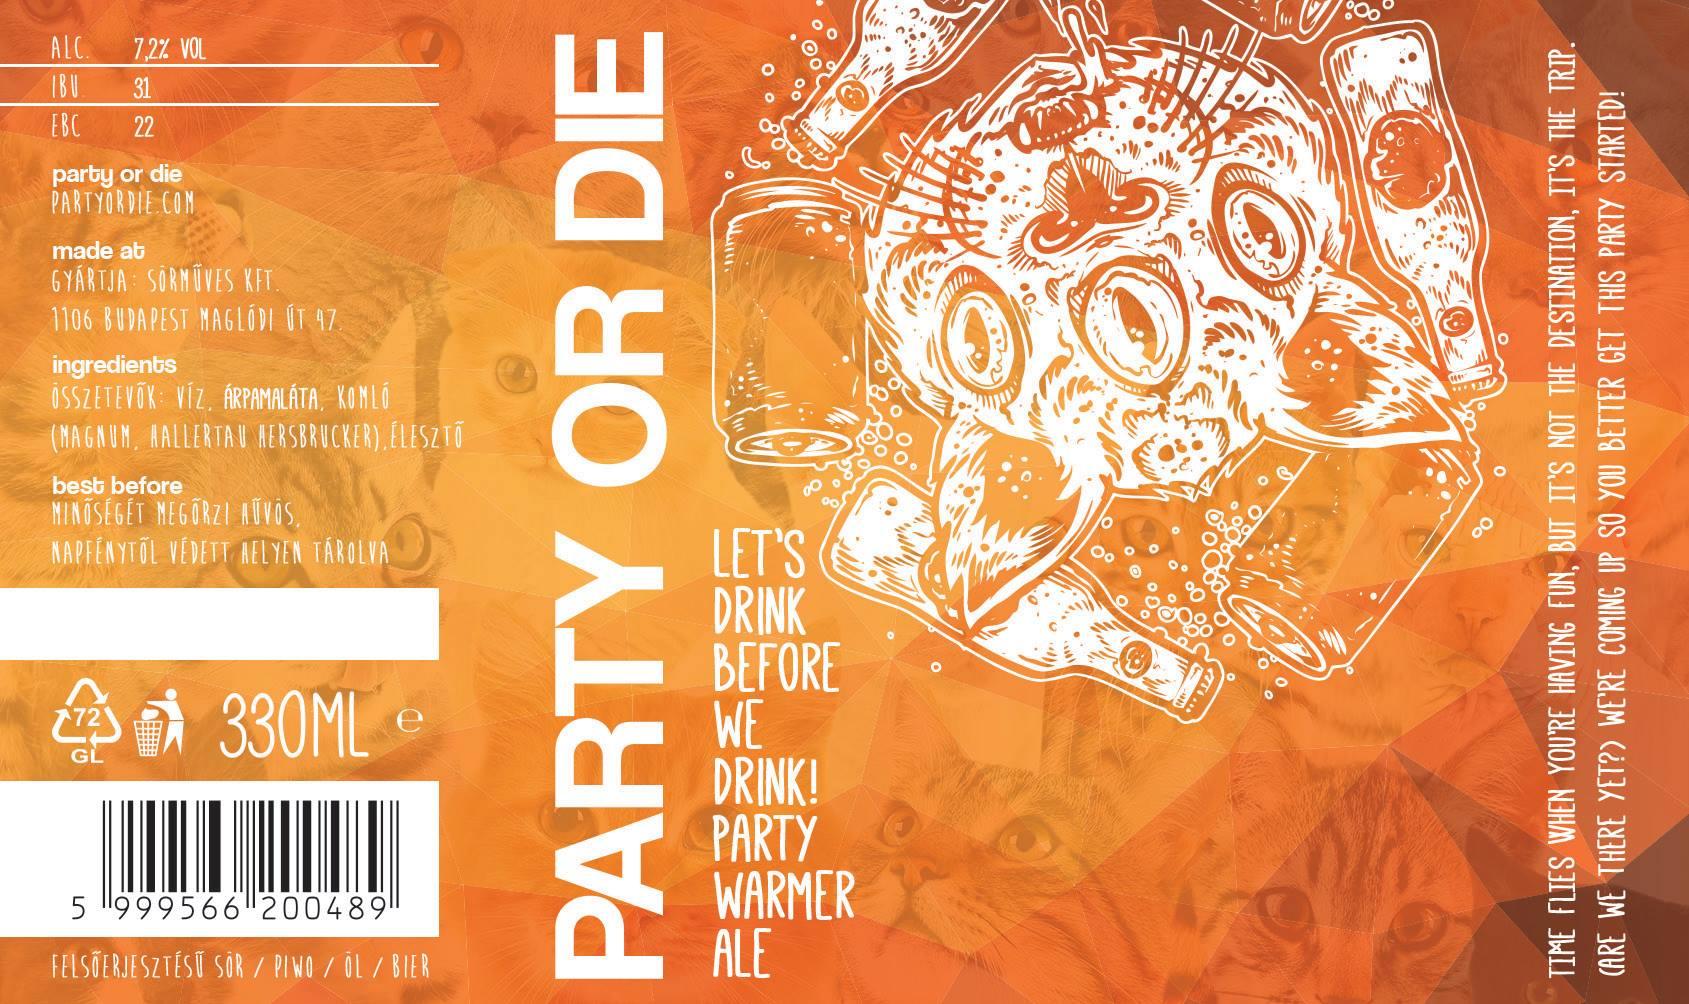 Party or Die sörgerillák: Let's Drink Before We Drink - Party Warmer Ale sör címke - Kocsmaturista